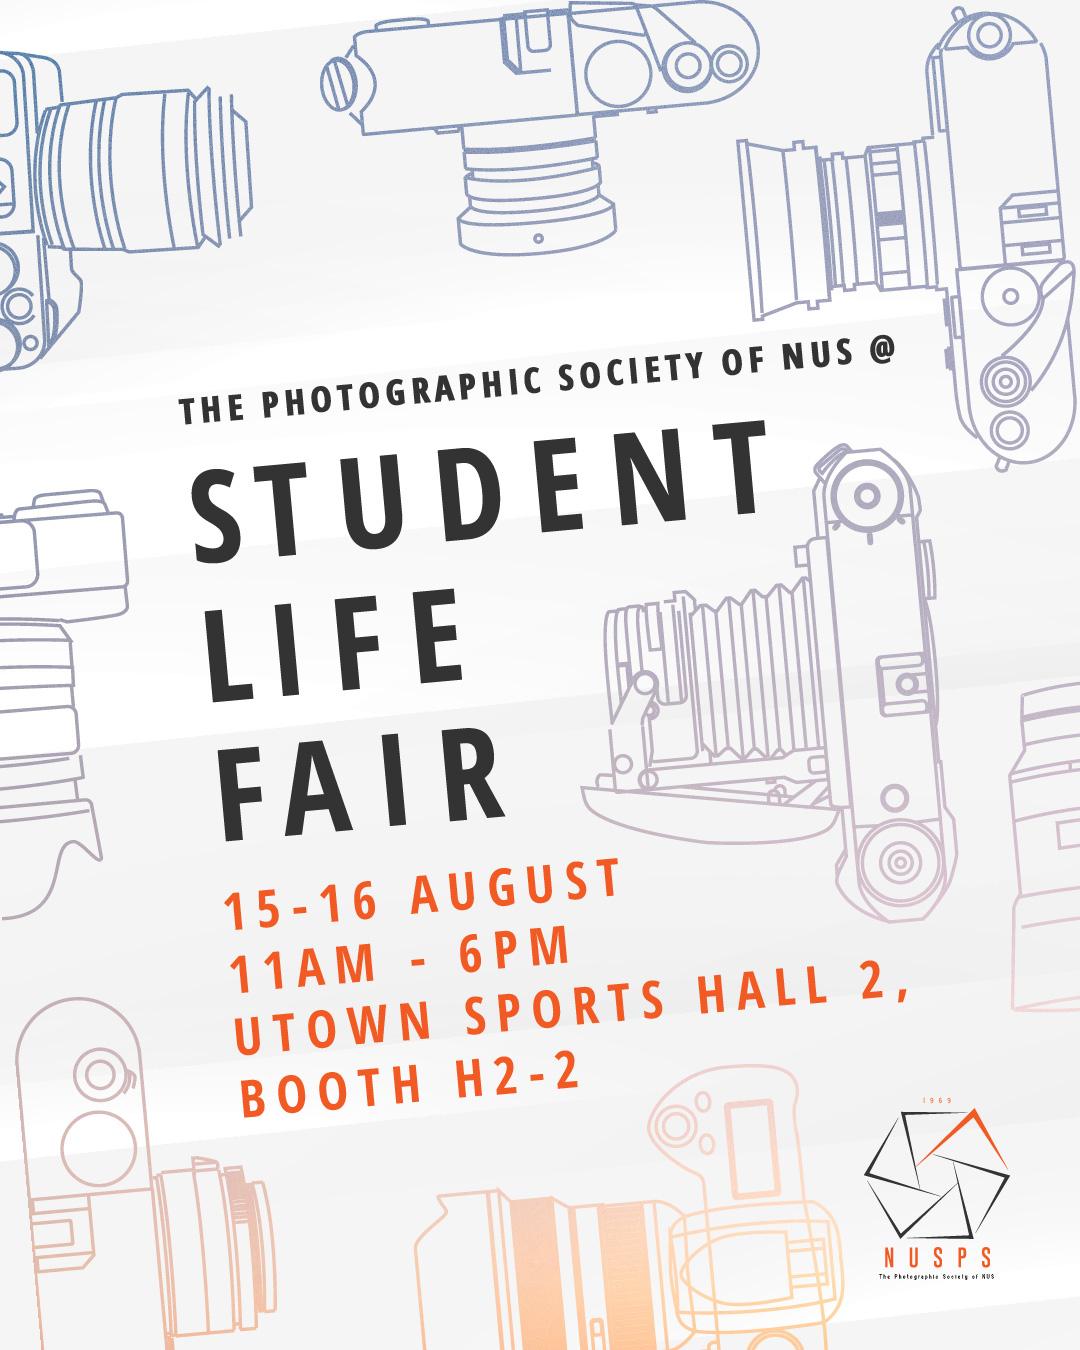 Student Life Fair 2019